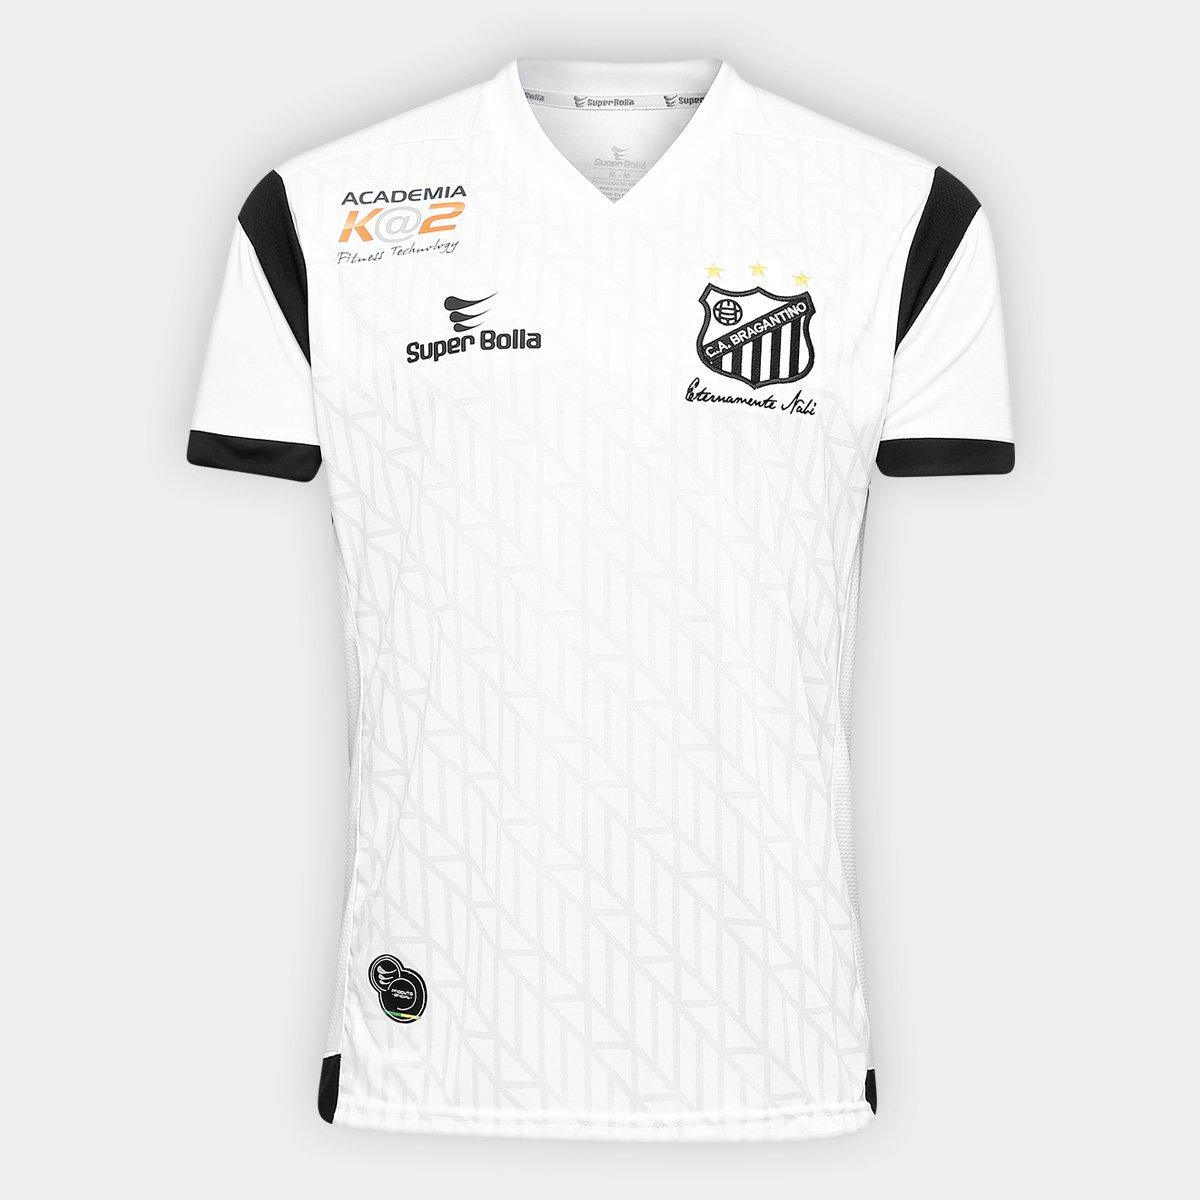 97d7ece9a Camisa Bragantino I 17 18 s nº Torcedor Super Bolla Masculina